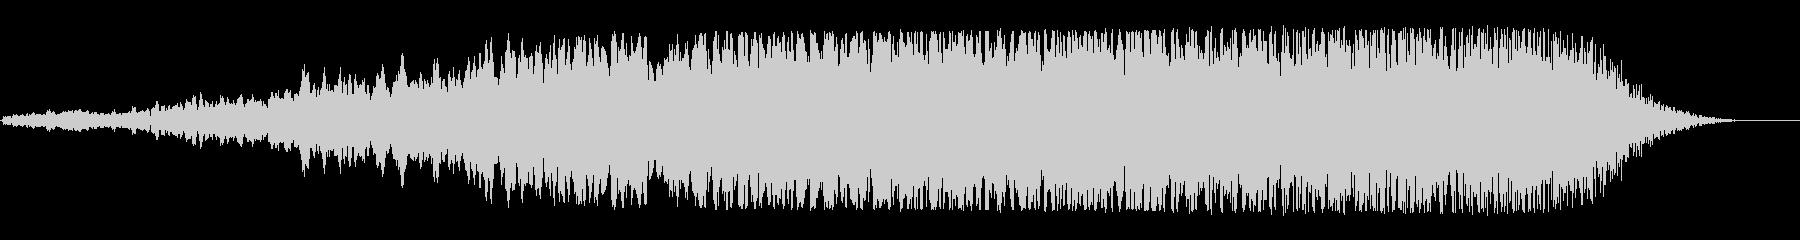 宇宙船通過(高音・尻上り・クリアー音質)の未再生の波形